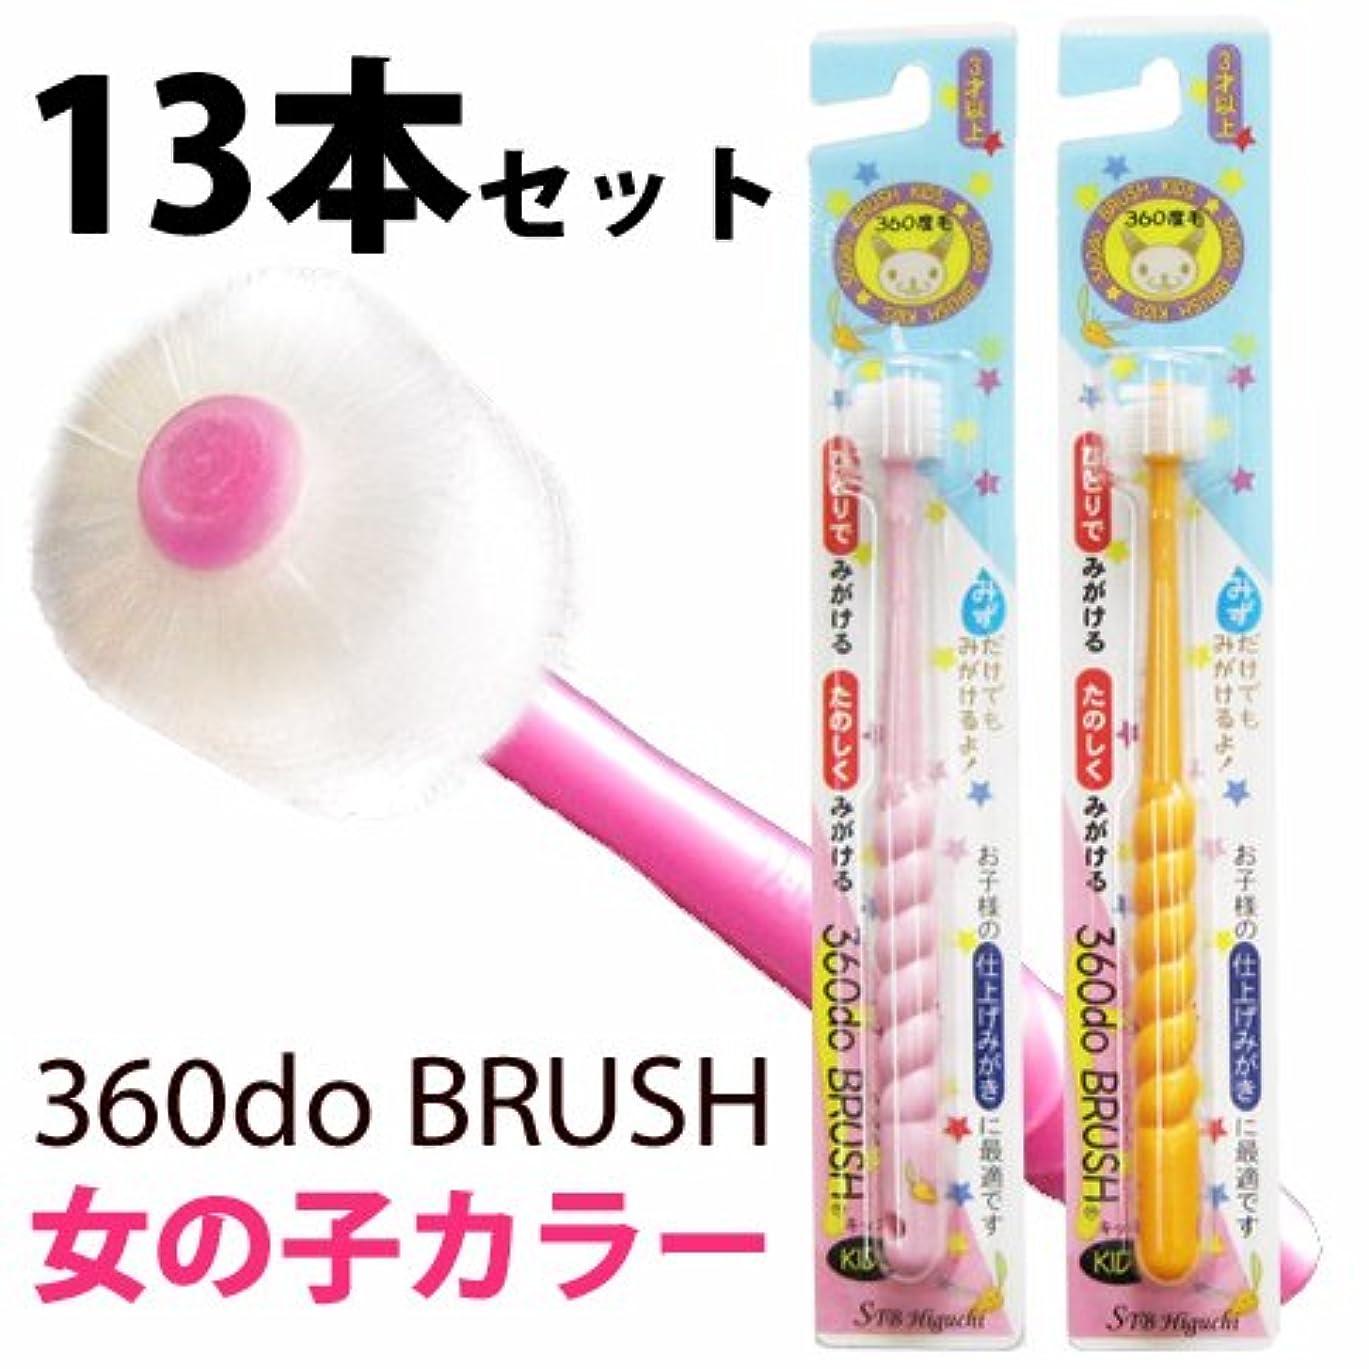 包括的開梱橋脚360do BRUSH 360度歯ブラシ キッズ 女の子用 13本セット